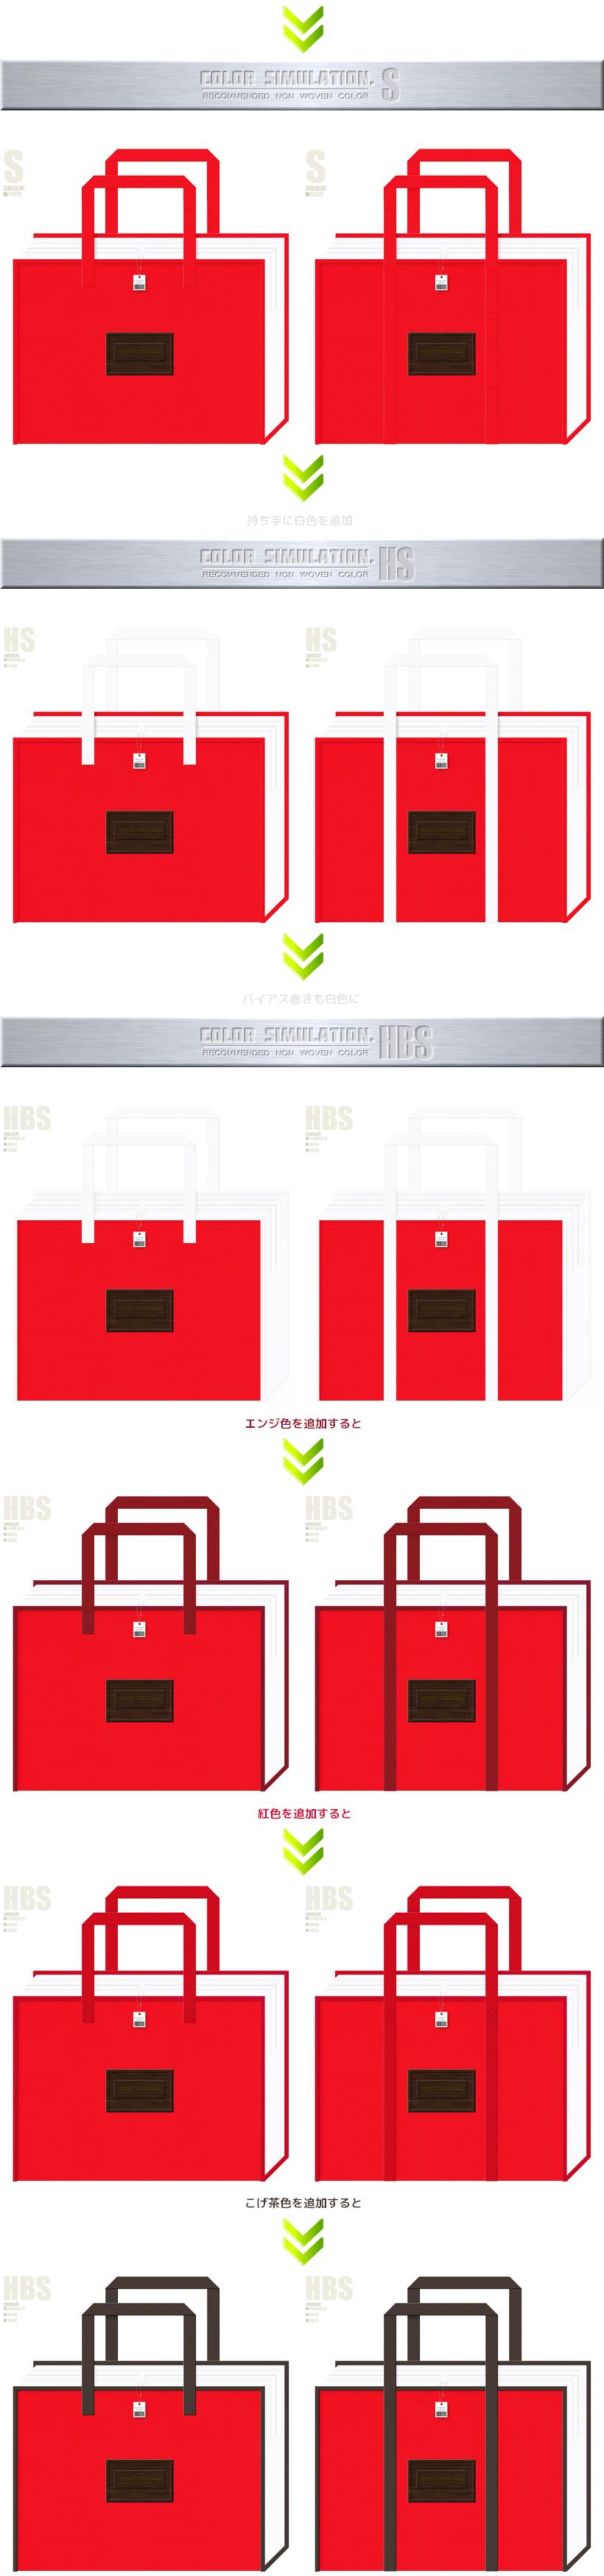 クリスマスセールの不織布ショッピングバッグ:フルカラー印刷柄と不織布バッグのカラーシミュレーション